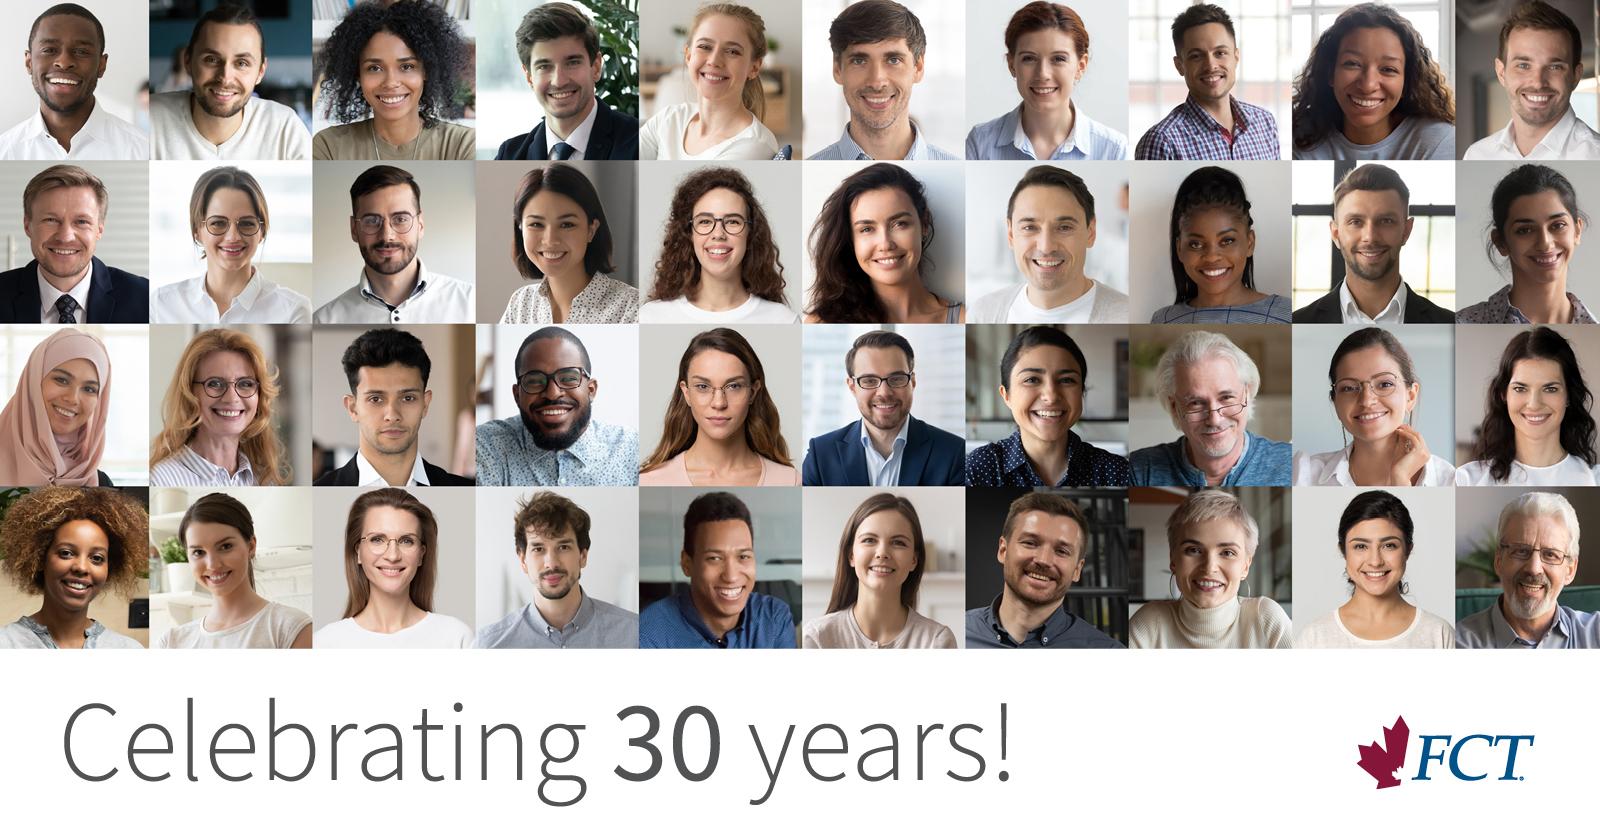 FCT celebrates 30 years